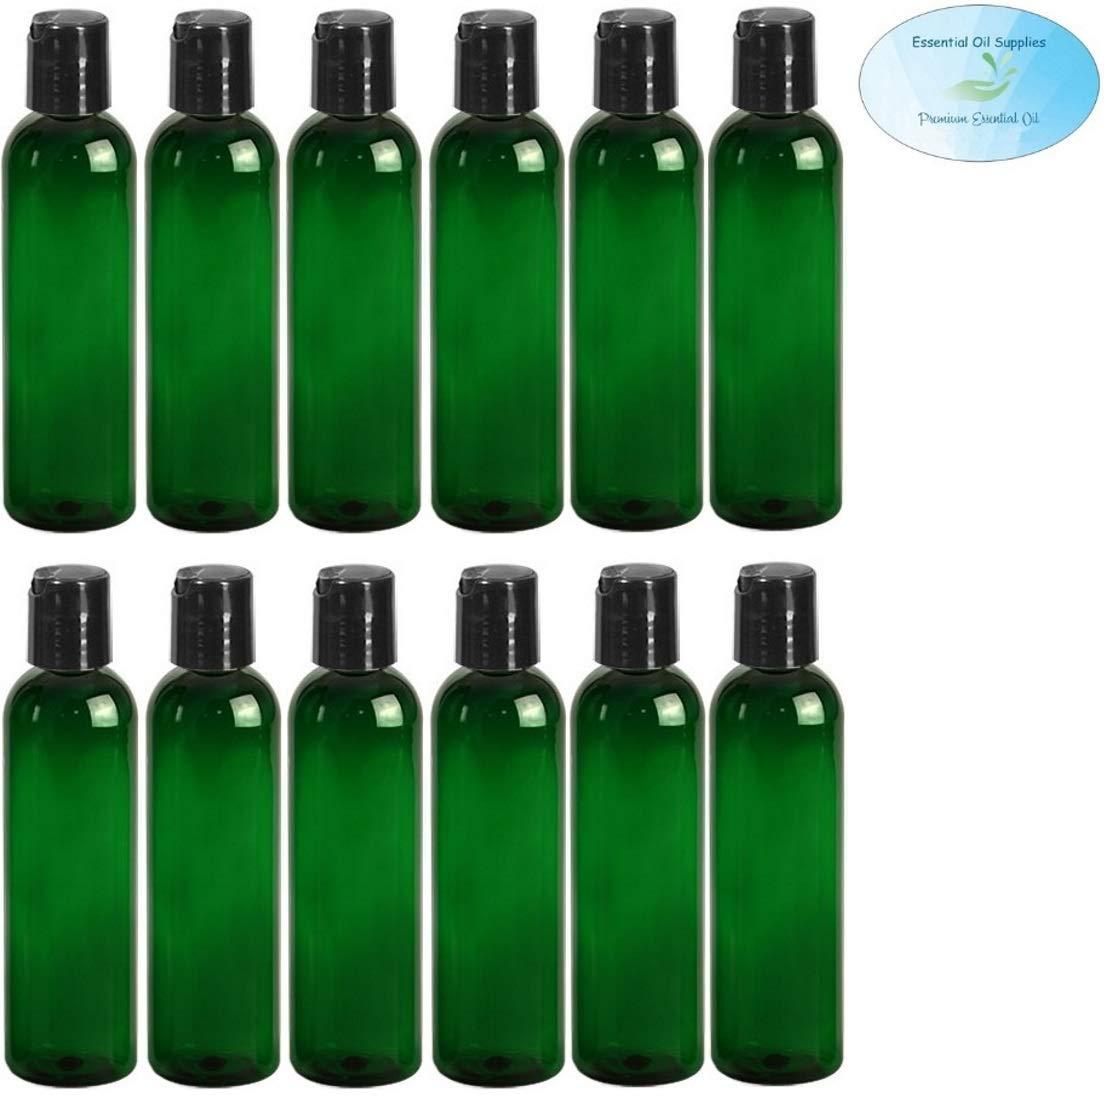 Amazon.com: Botellas redondas de plástico vacías recargables ...